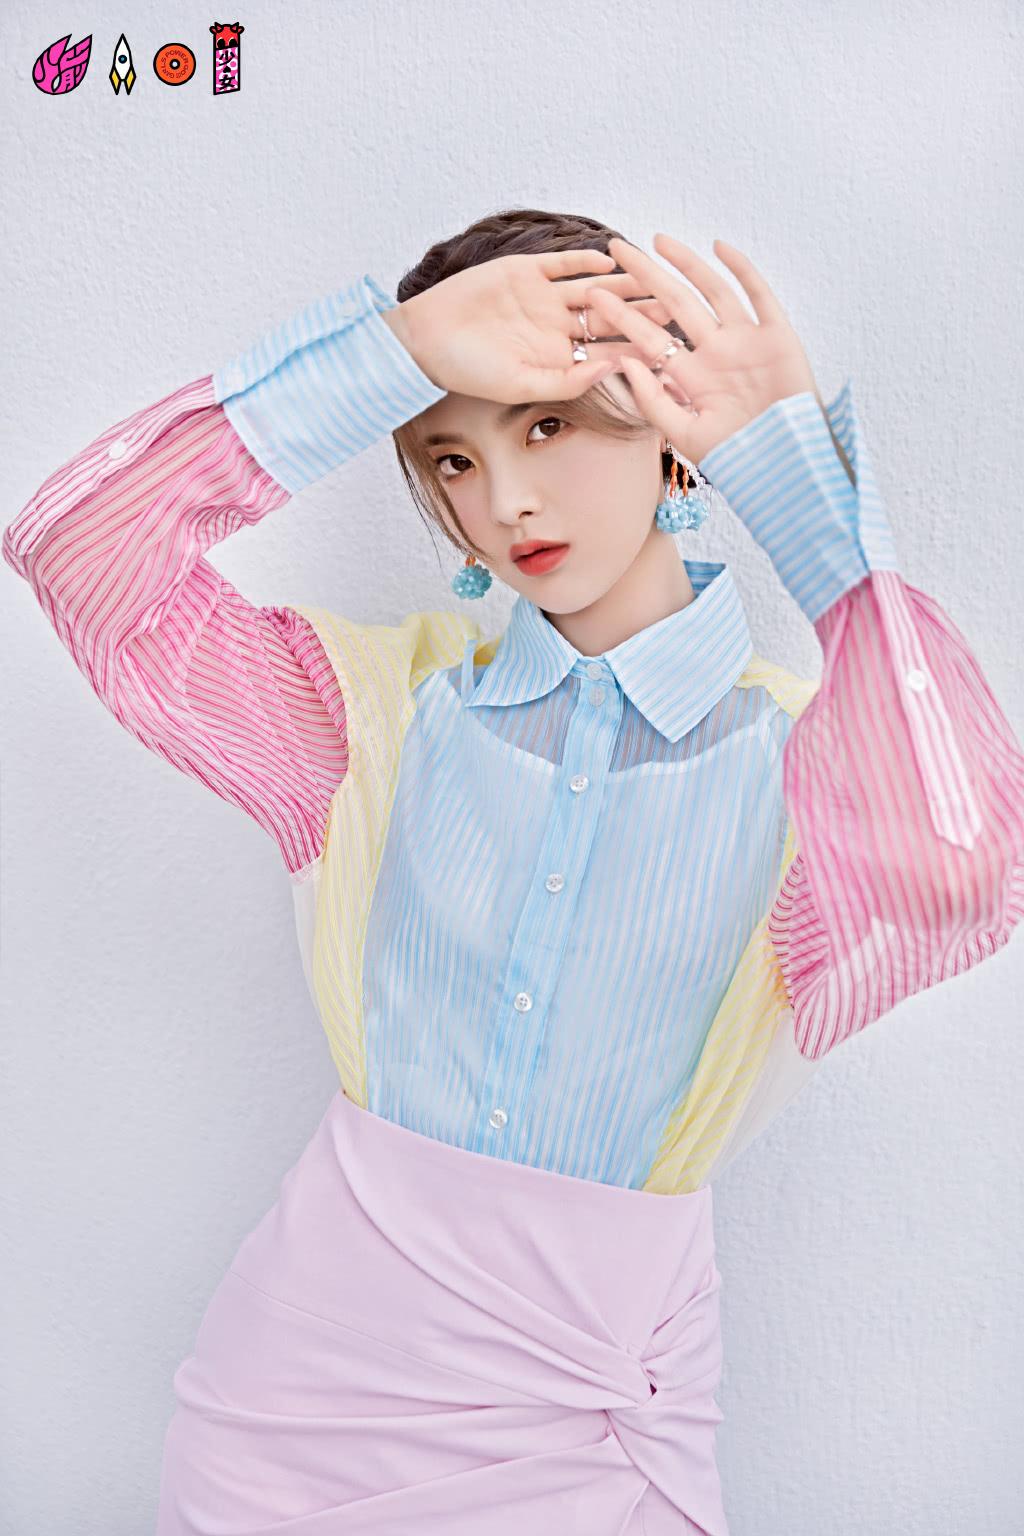 杨超越和关晓彤,同穿拼接衬衫,只是搭配不同,风格就差这么多?